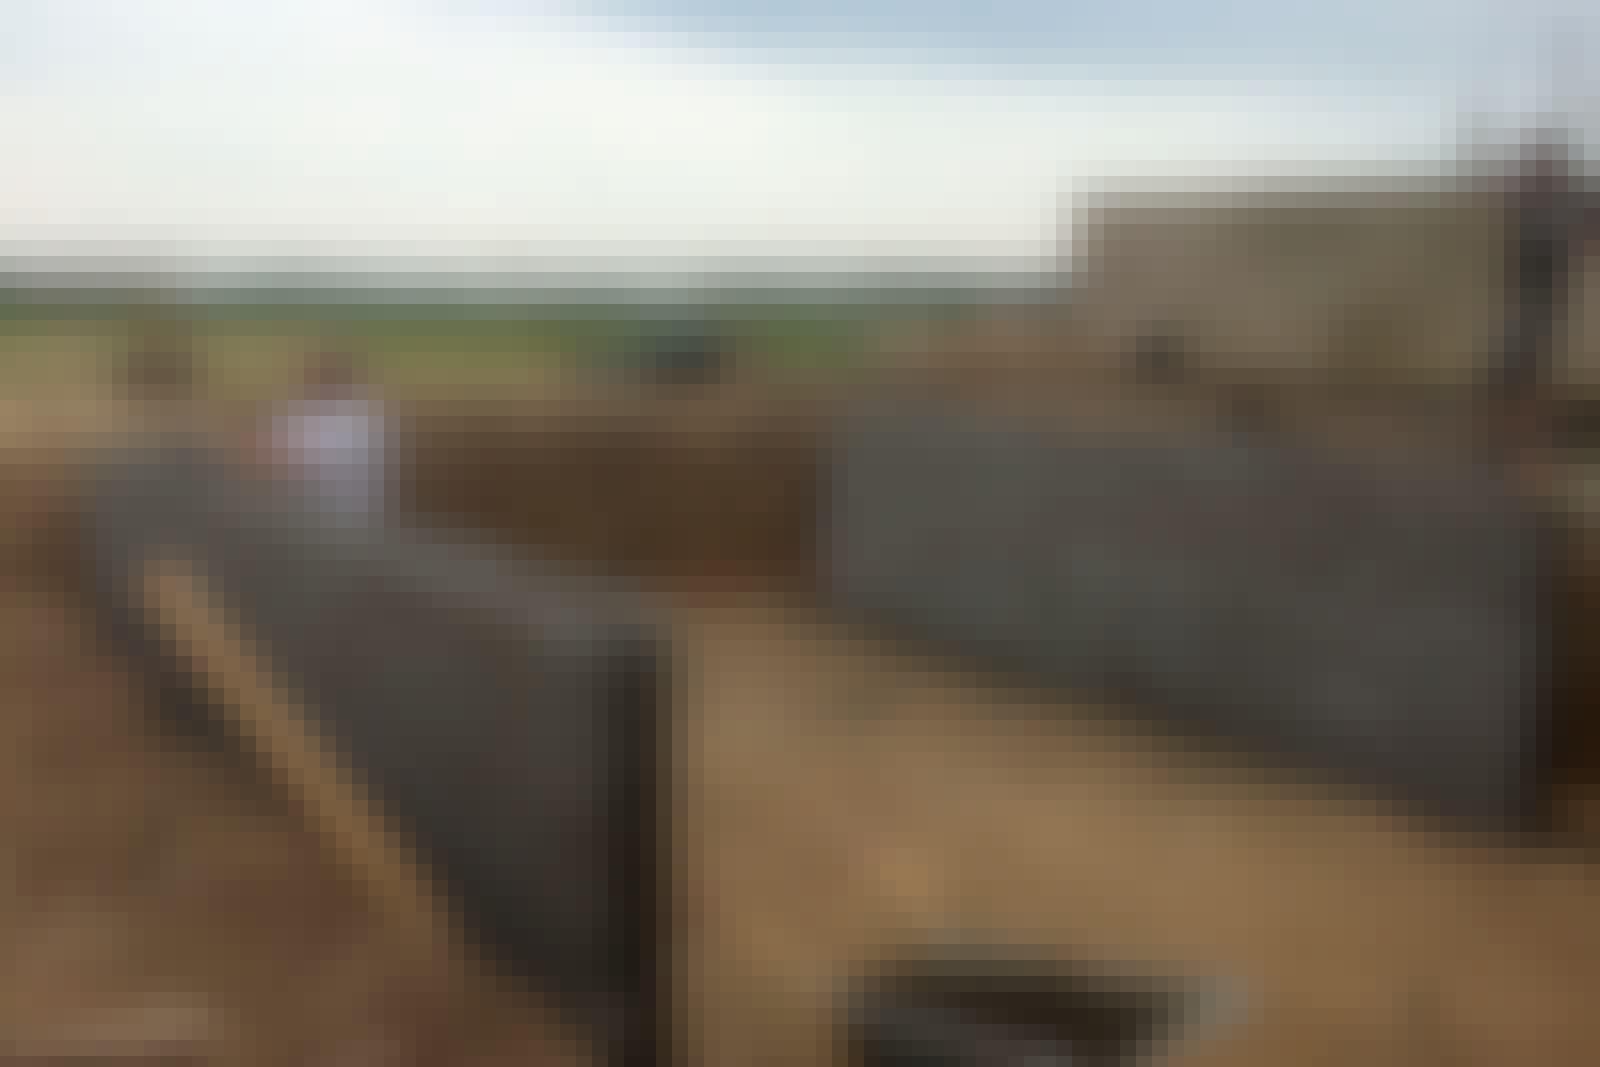 Siderne af poolen bliver støttet via fundablokke, som er støbt sammen. Bunden til poolen blev støbt efterfølgende.